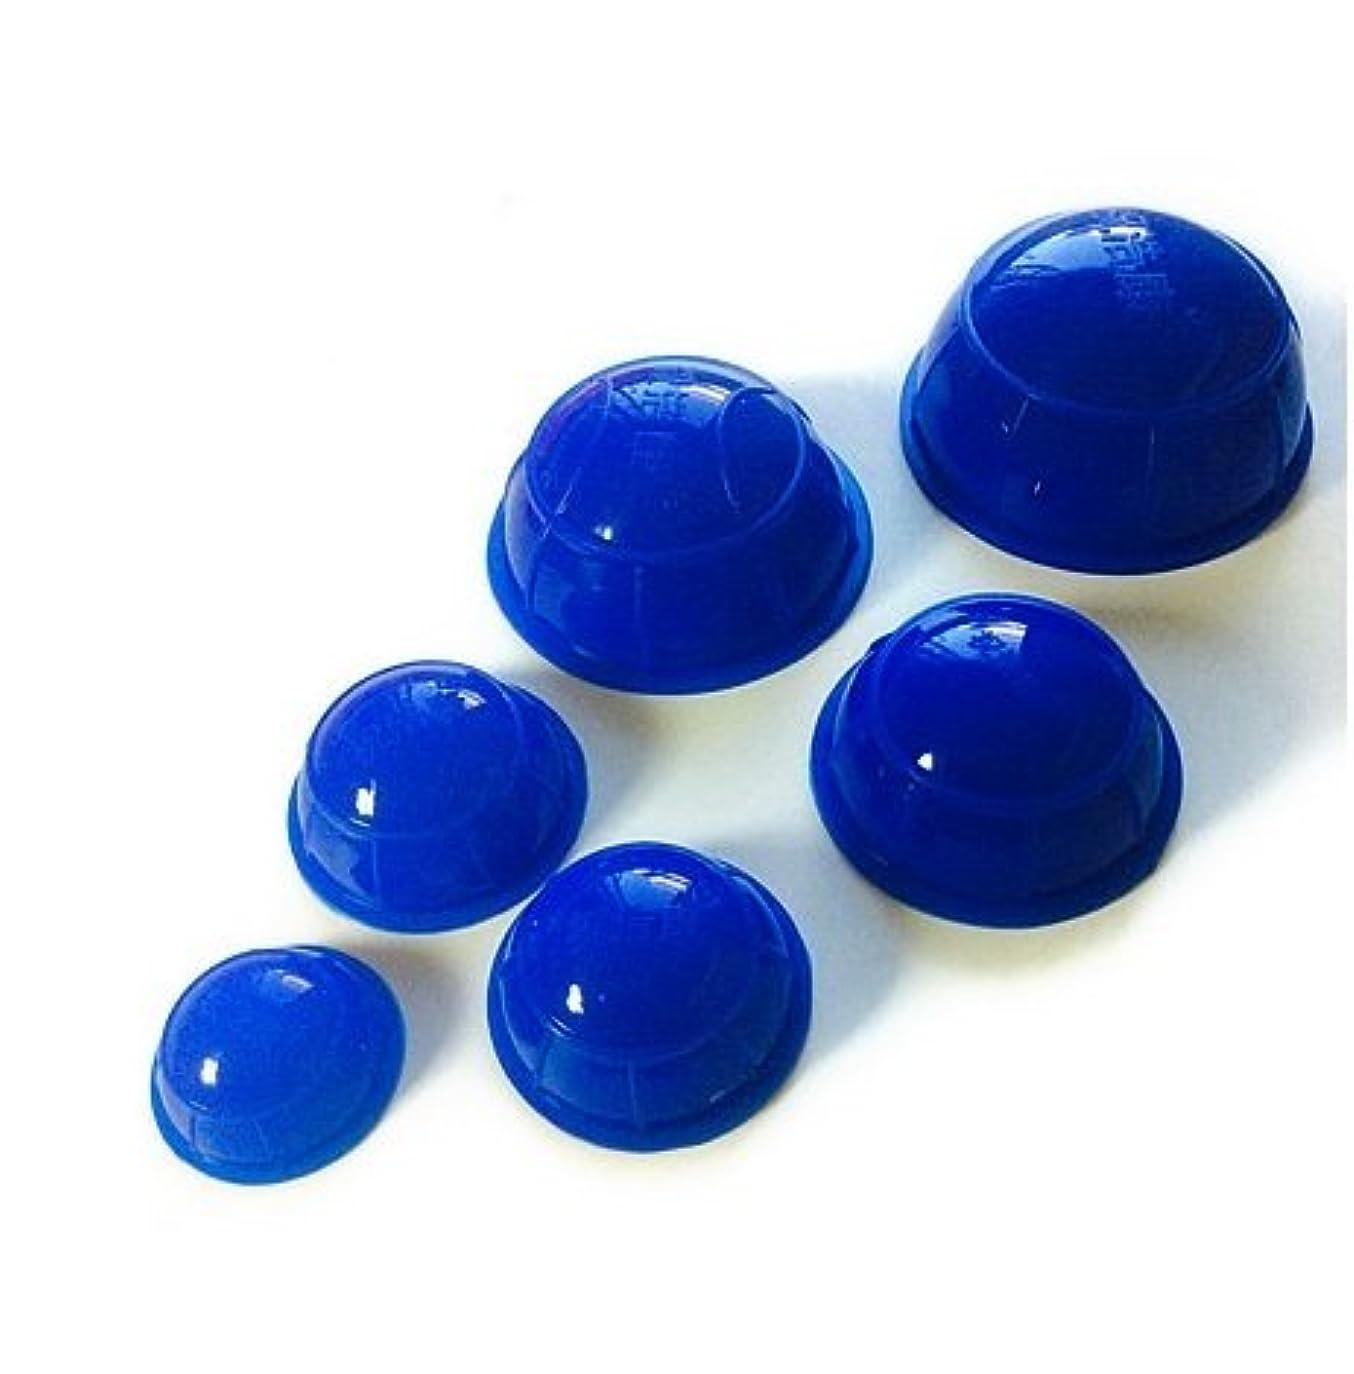 ビスケット代理人鮮やかな簡易 吸い玉6個セット ブルー 大中小5種類の大きさ